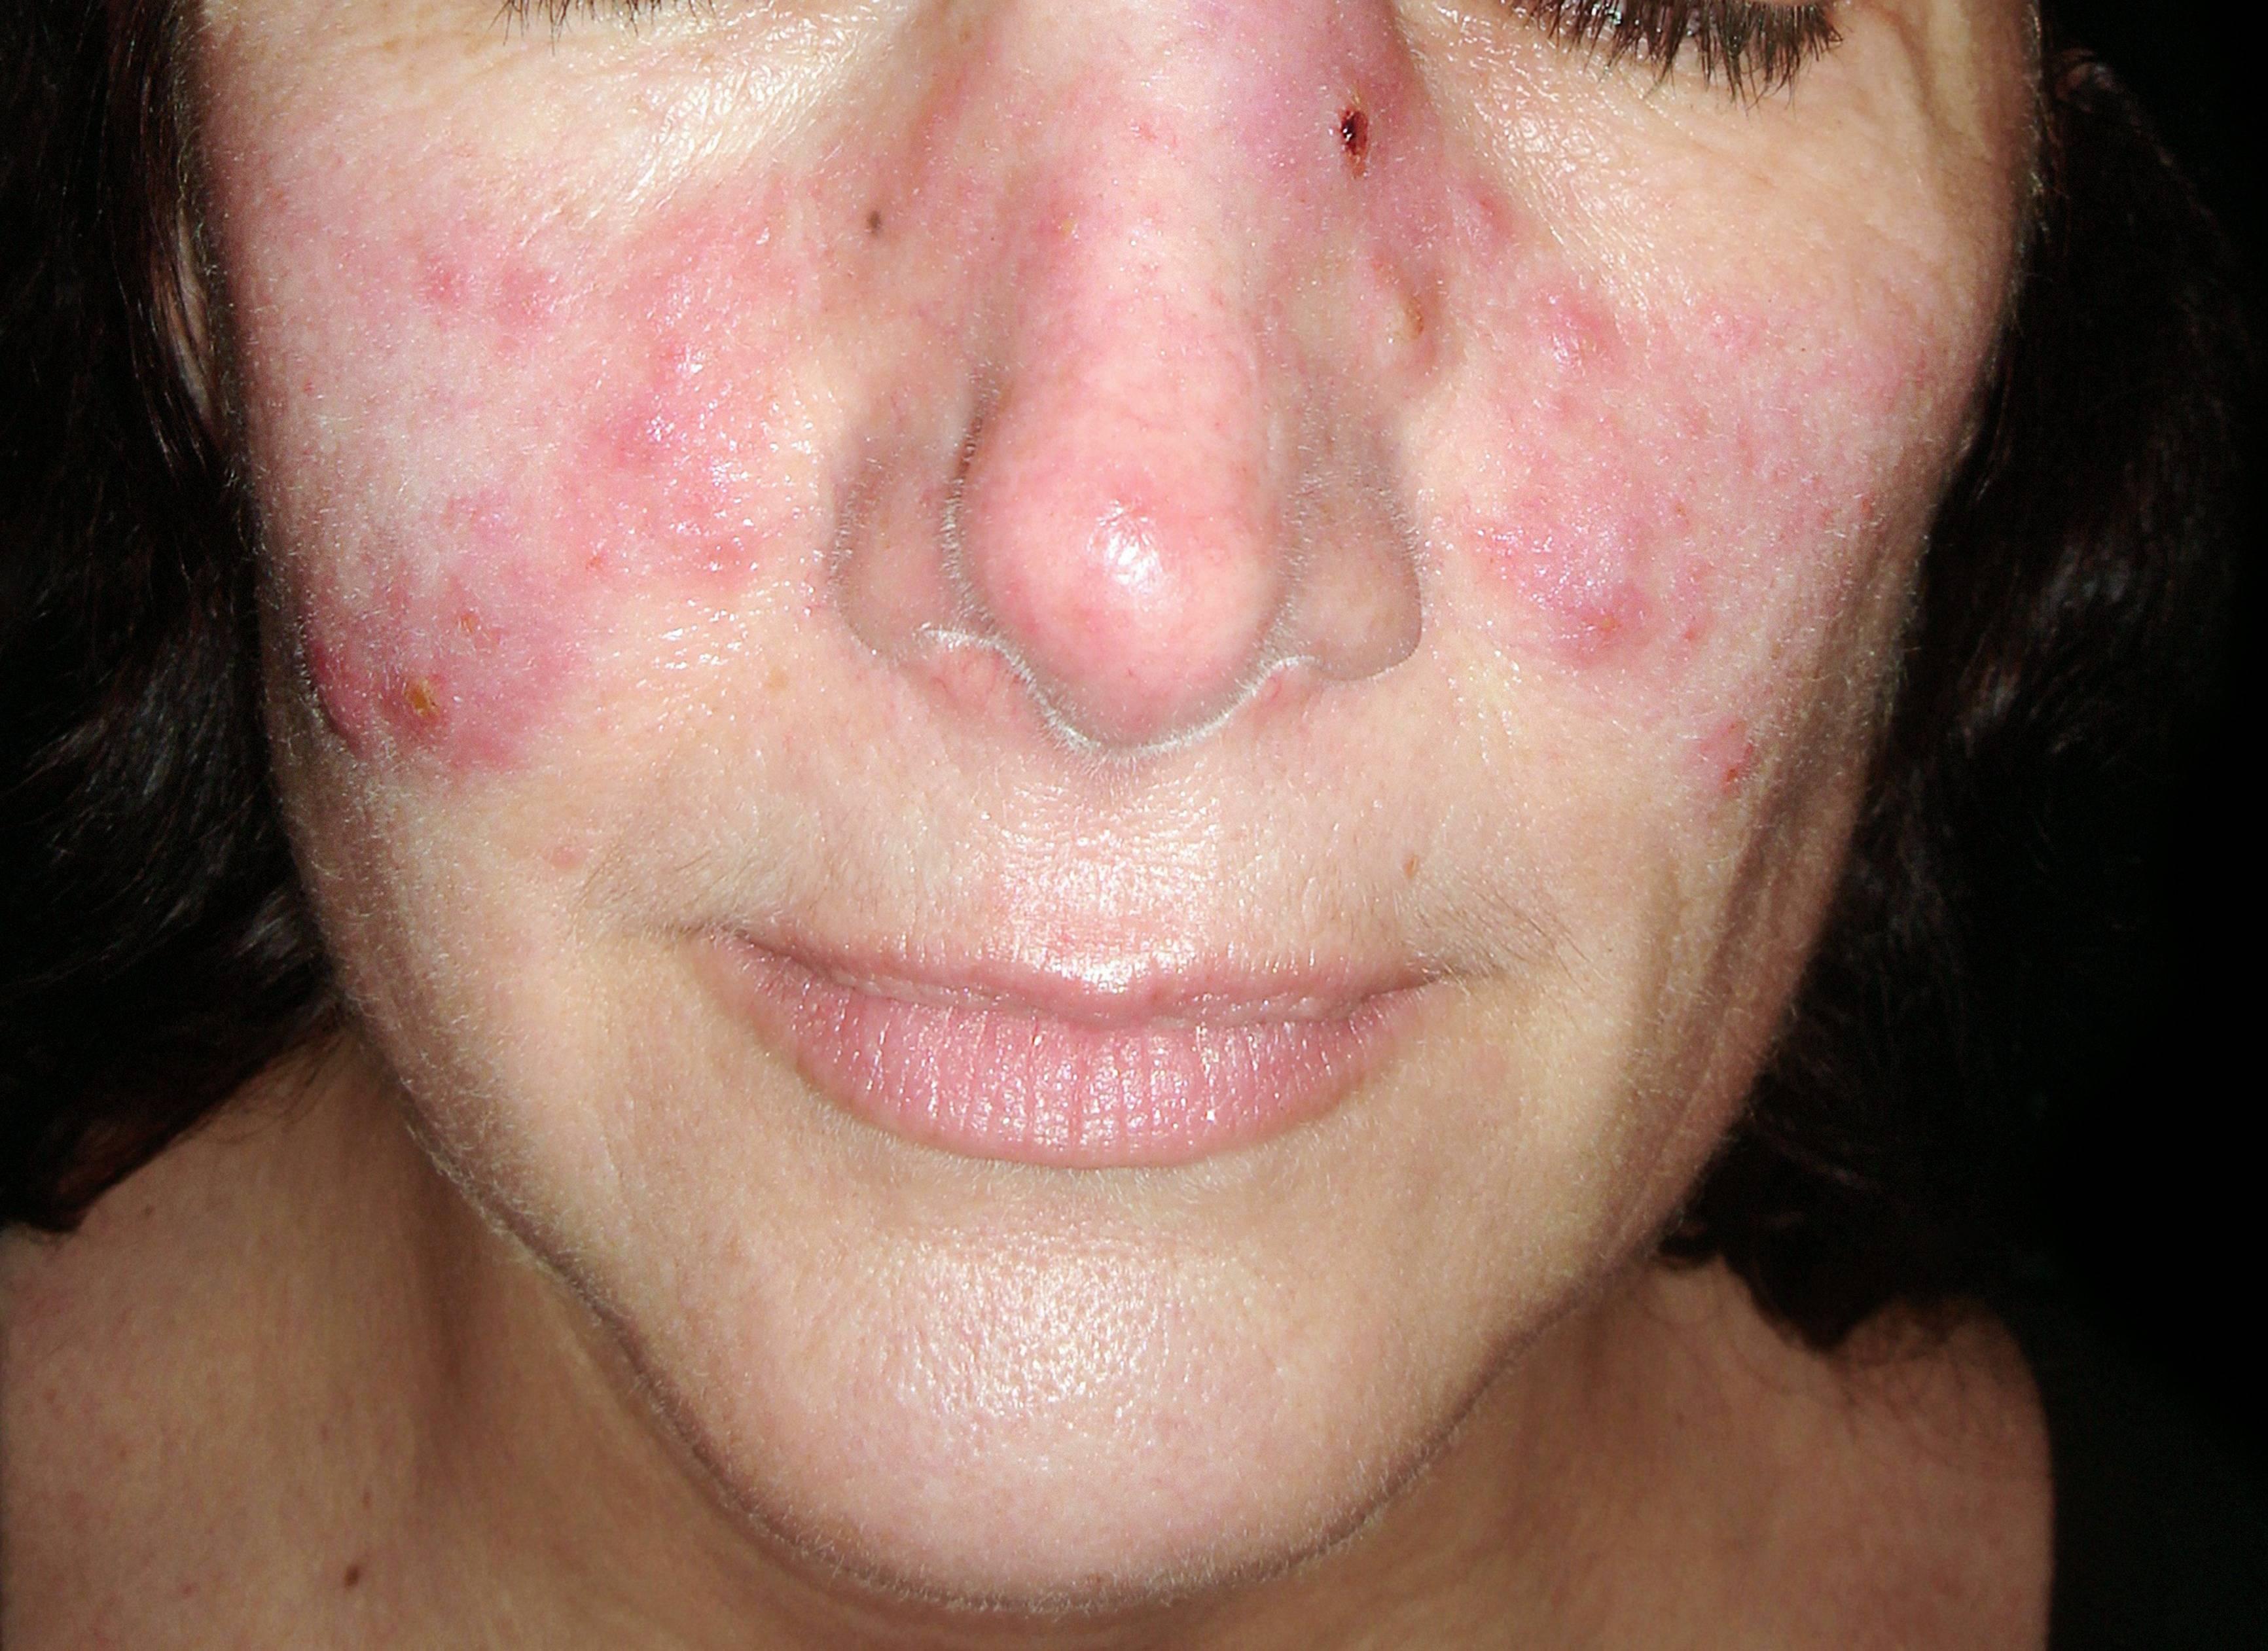 vörös foltok az arc bőrén fotó és a betegség neve